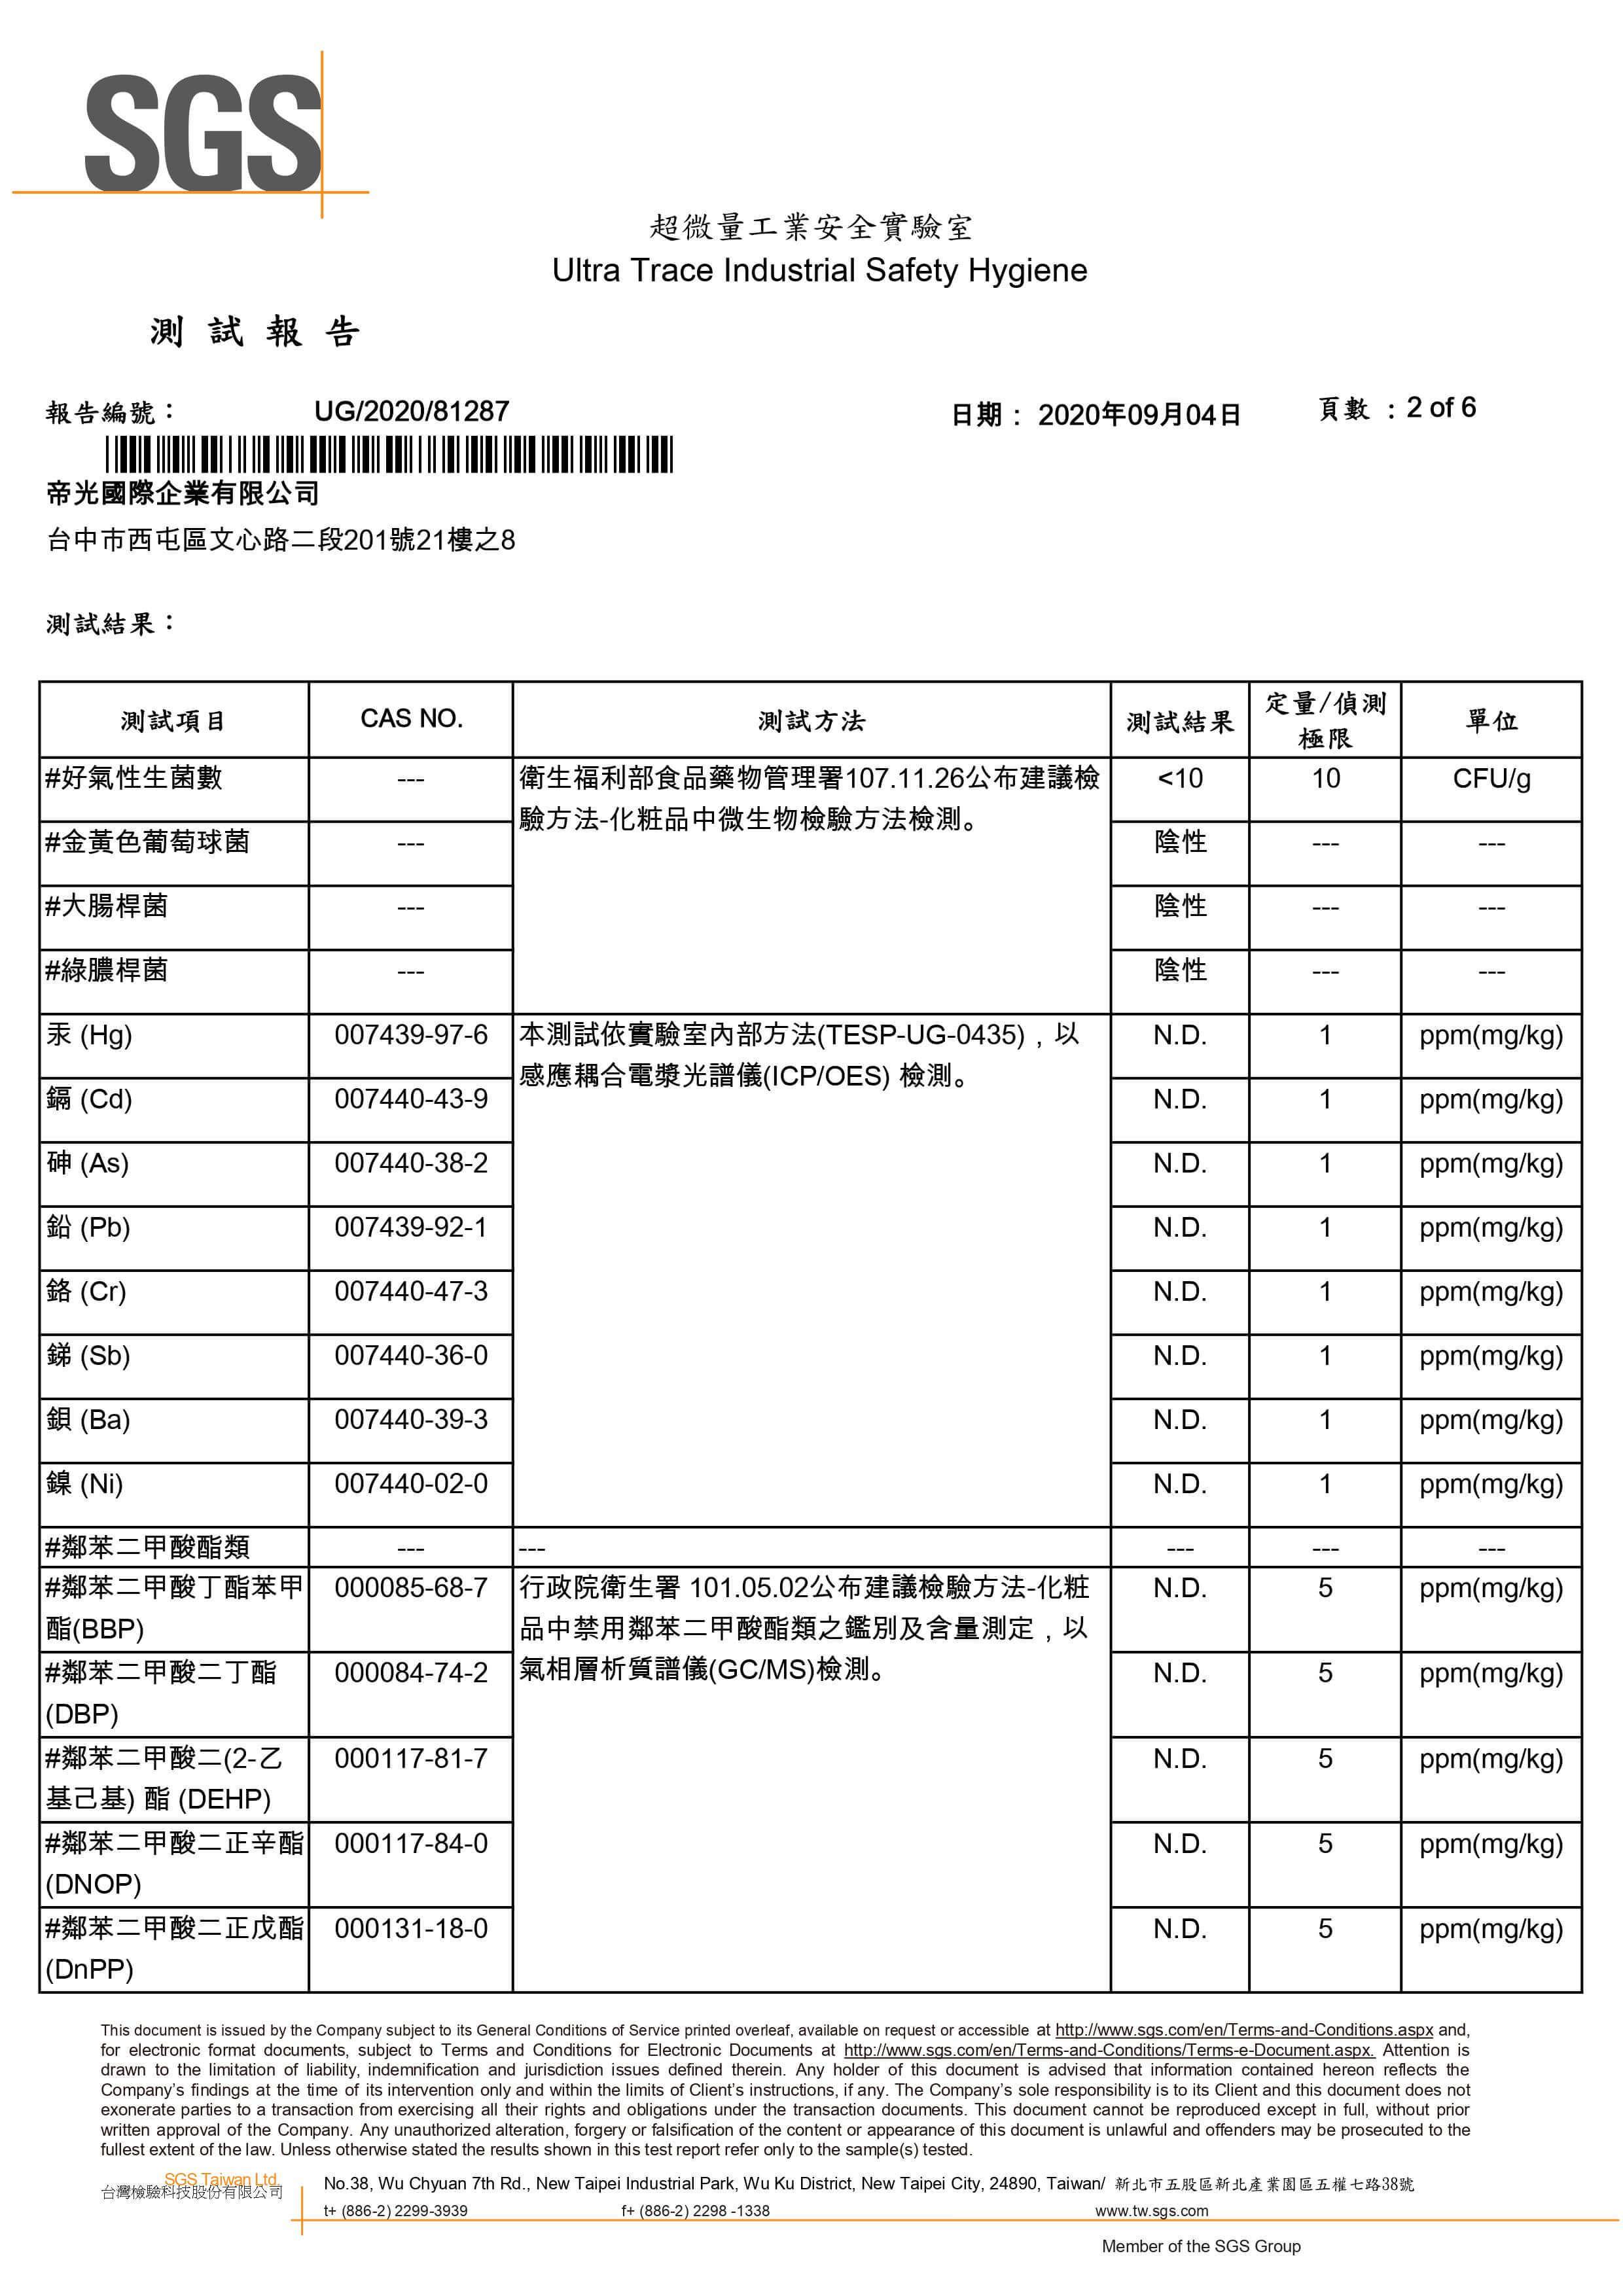 SGS檢驗報告 No.1 p2-5